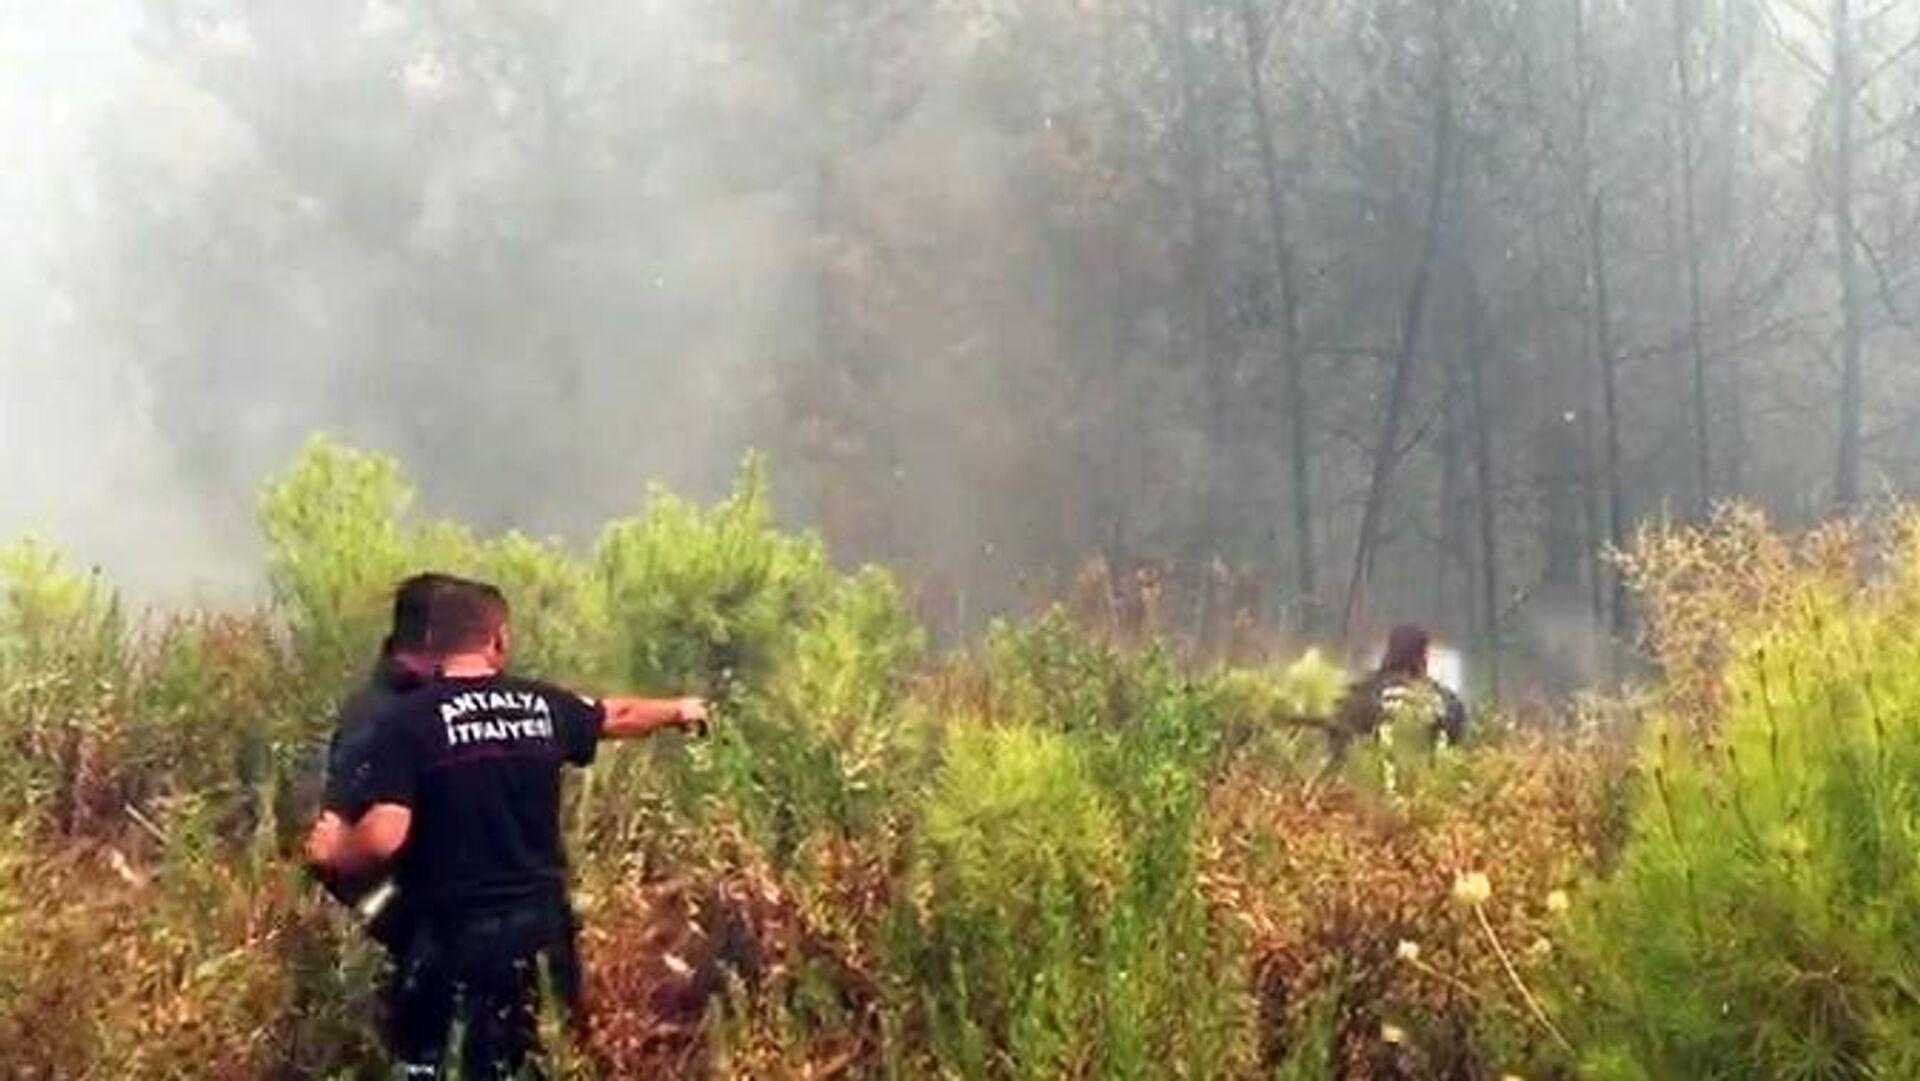 Борьба с пожарами в окрестностях турецкого города Манавгат - РИА Новости, 1920, 02.08.2021